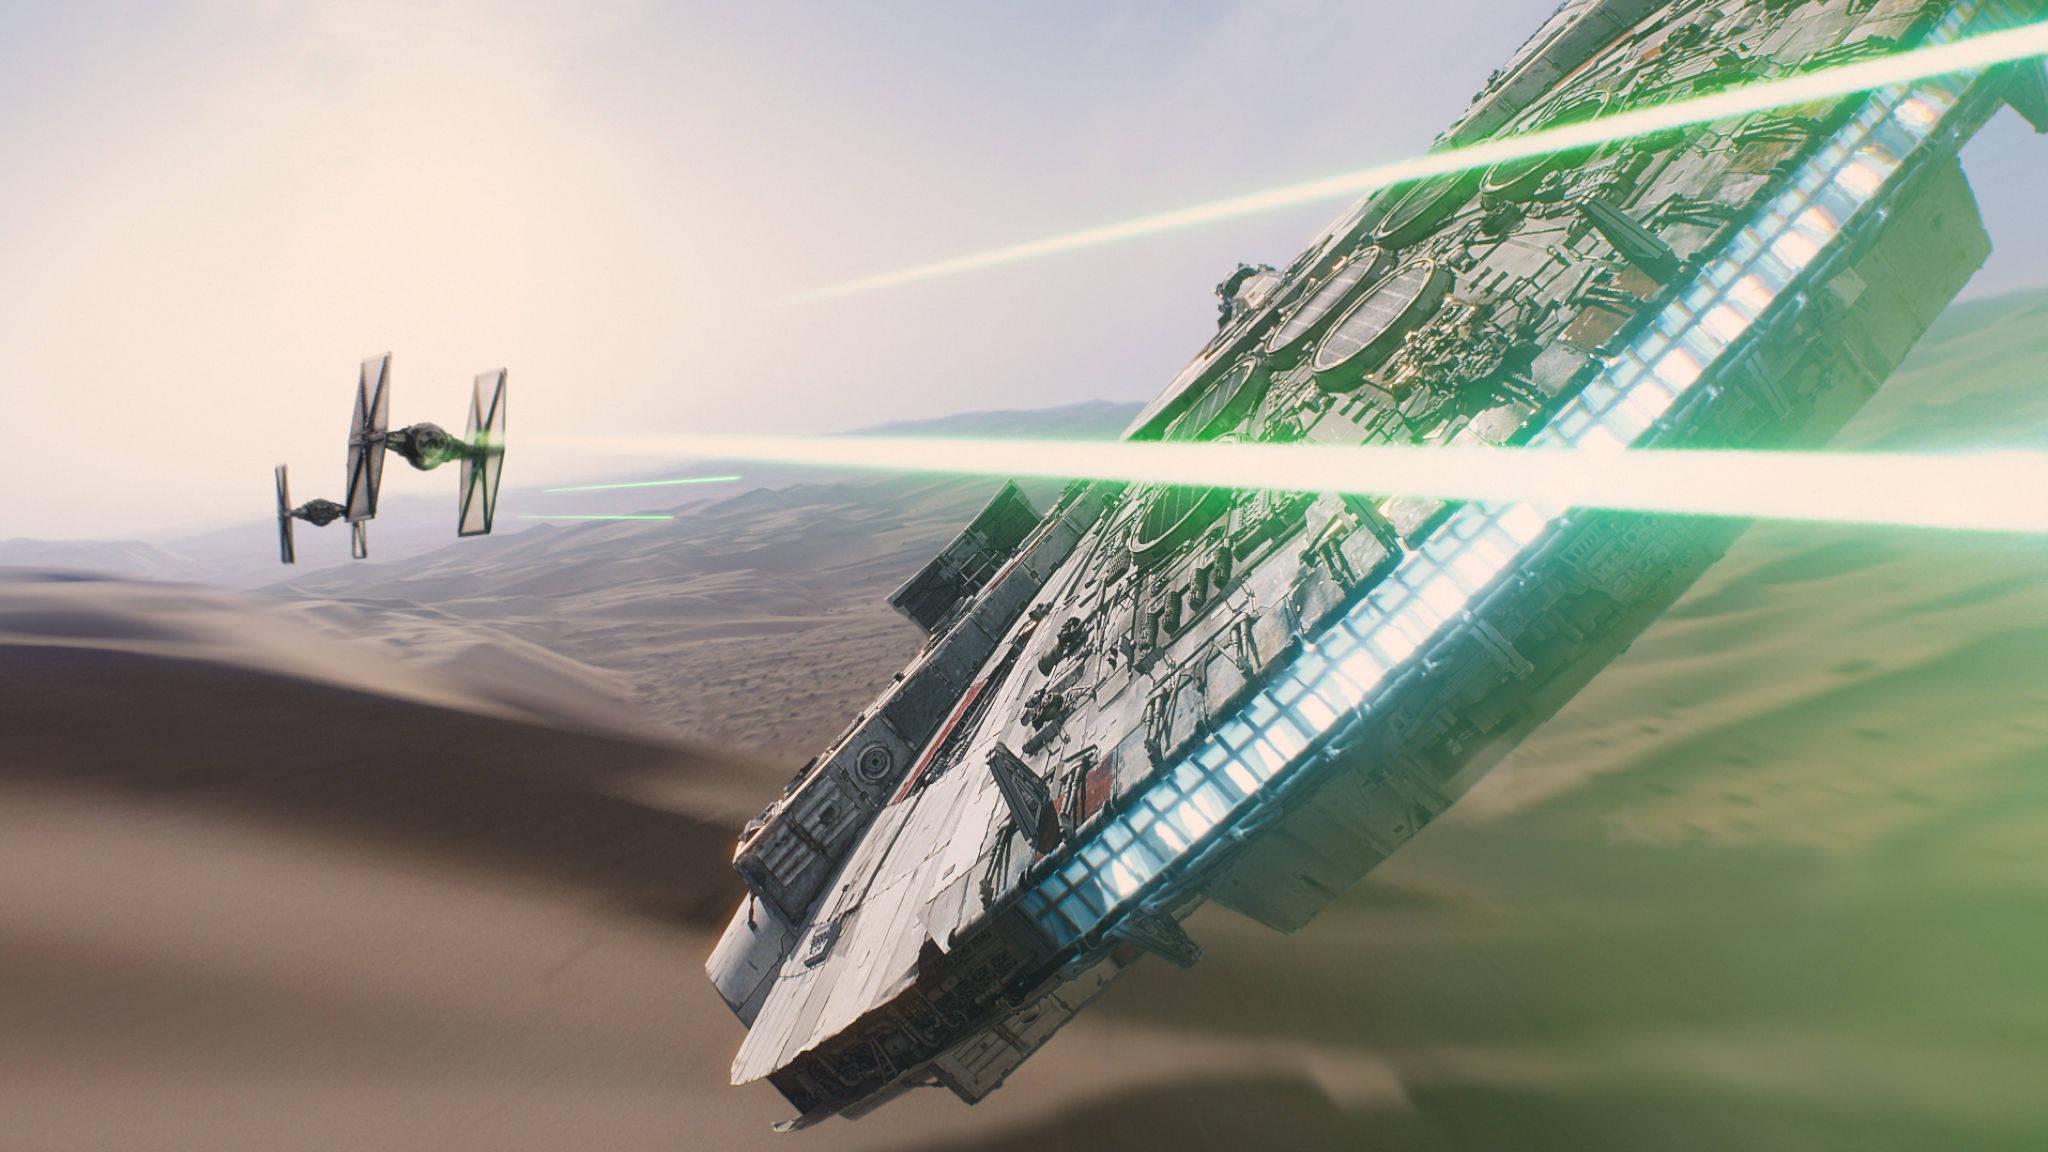 Star Wars VIII planea filmaciones en Iztapalapa y Tláhuac